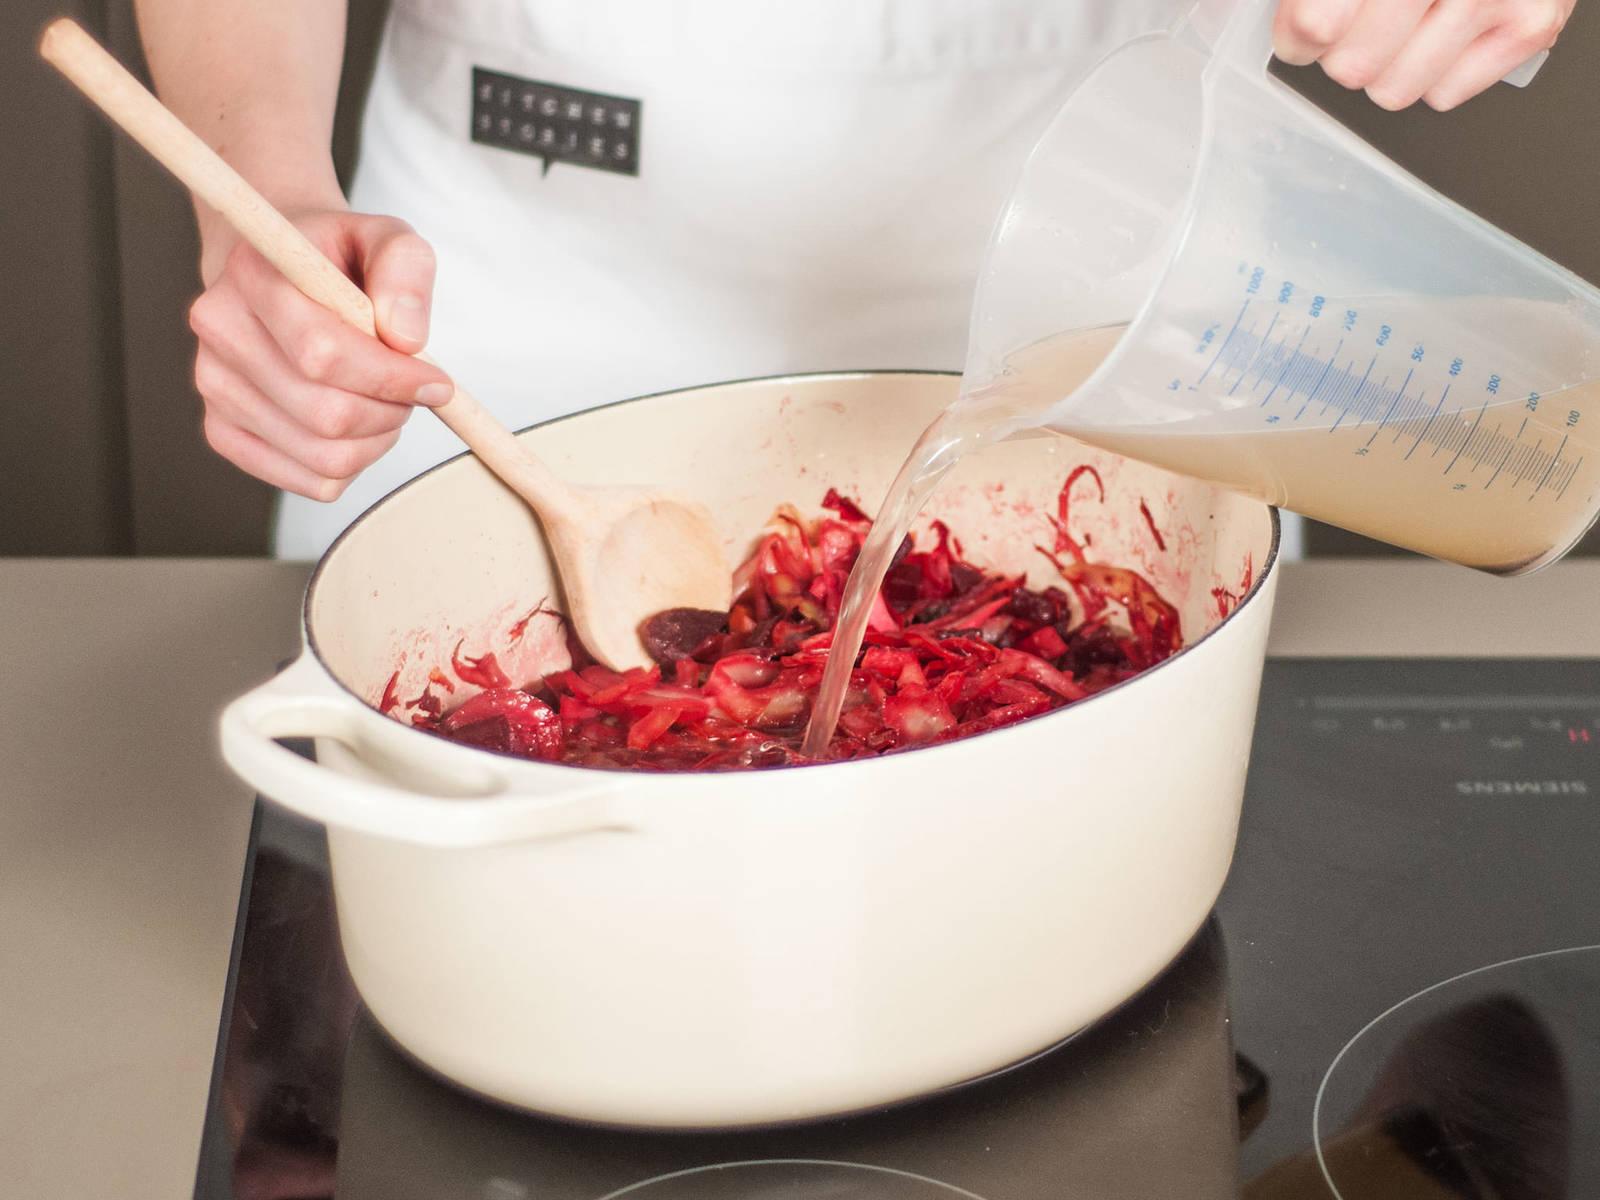 Schweinebauch und Rindfleisch abgießen. Dabei die Fleischbrühe auffangen.  Brühe zum Topf mit dem Gemüse geben und für ca. 10 - 15 Min. reduzieren lassen.